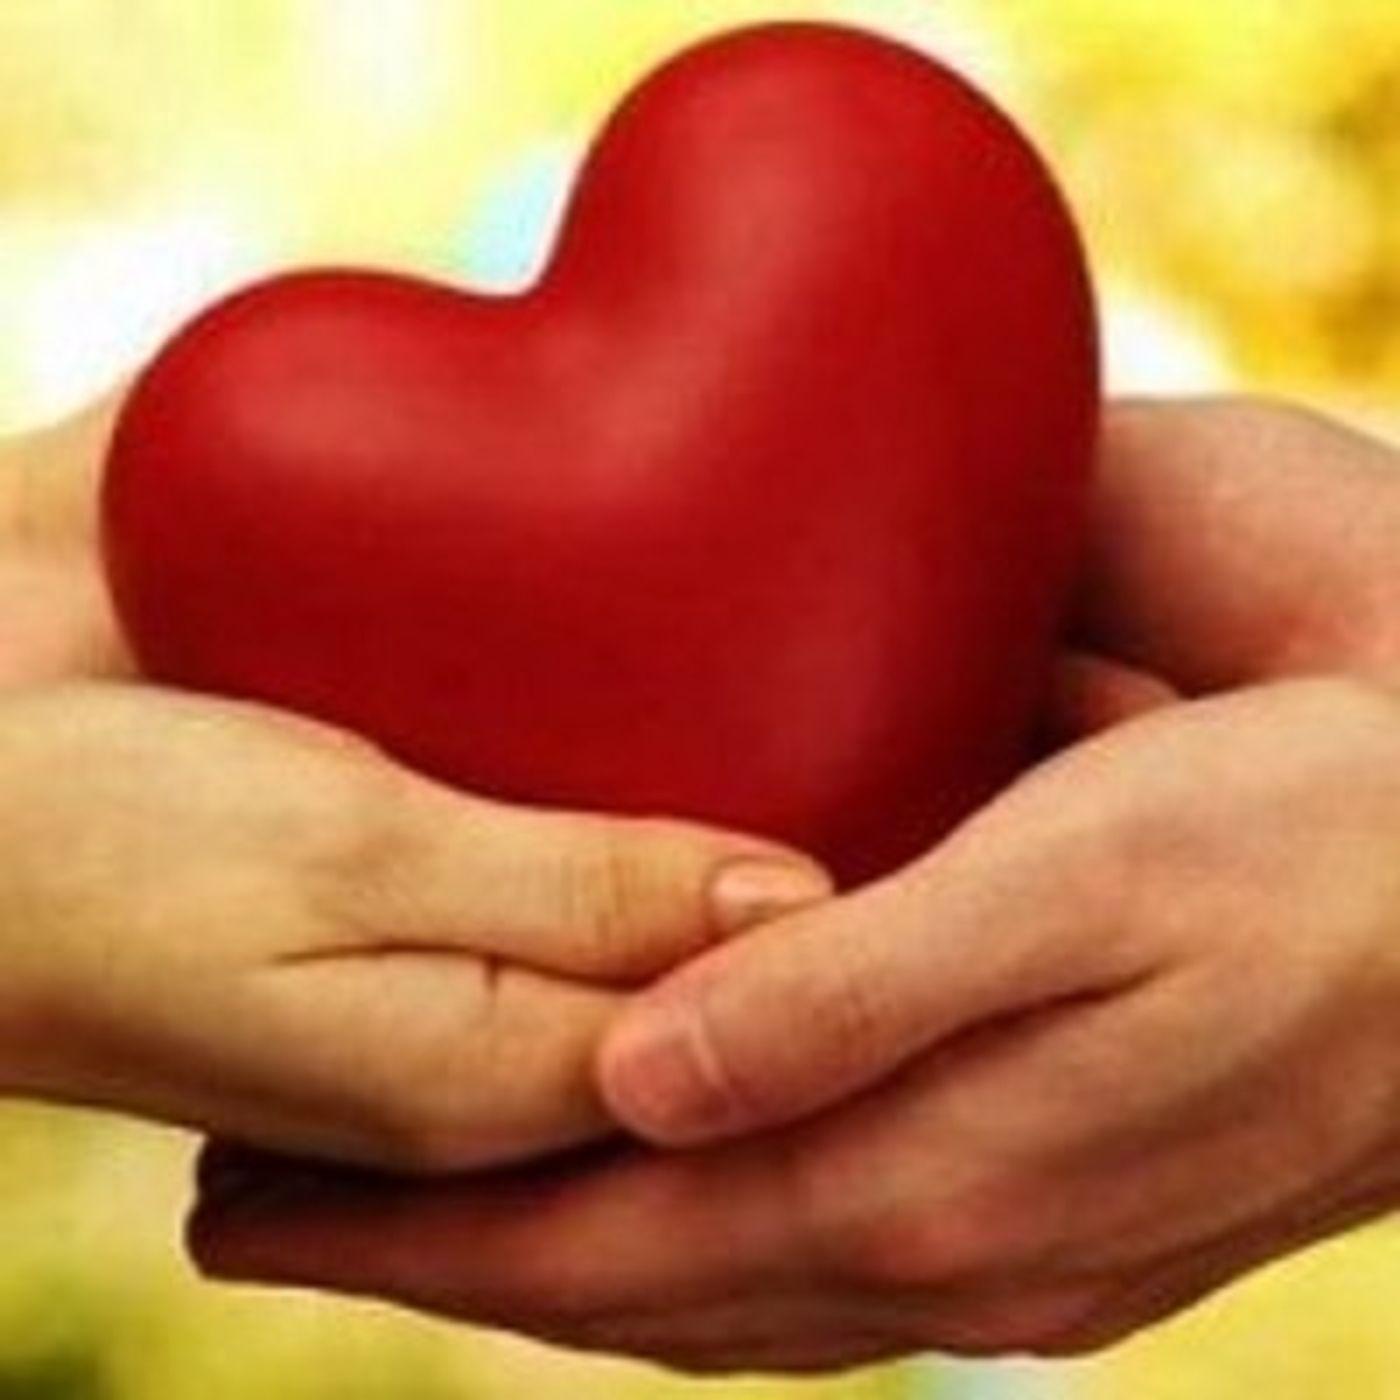 Un grande insegnamento sull'amore vero